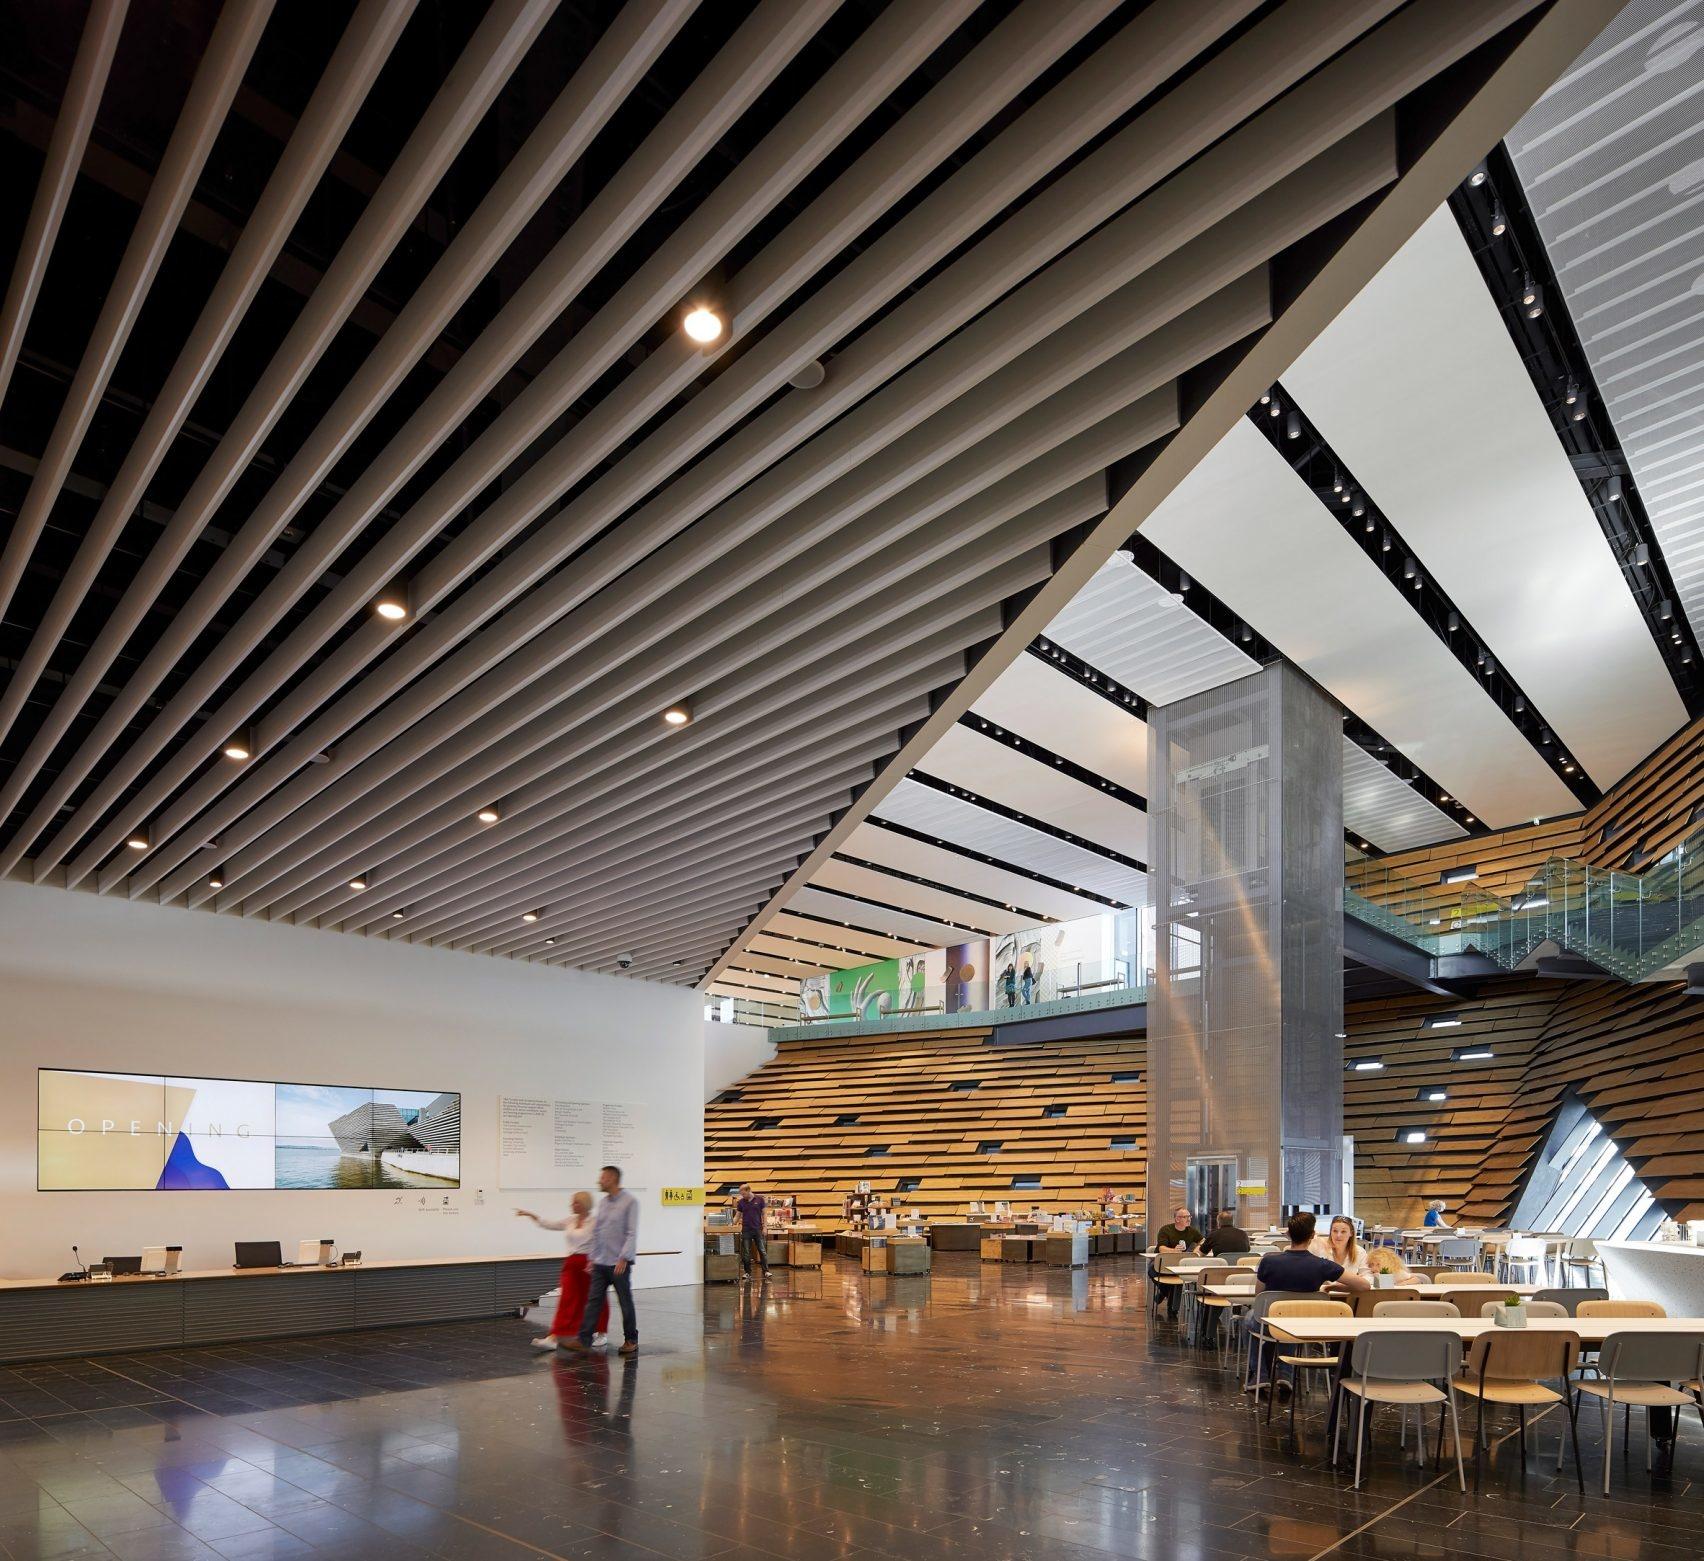 Музей Виктории и Альберта по проекту  Кенго Кумы открывается в Данди (галерея 11, фото 1)